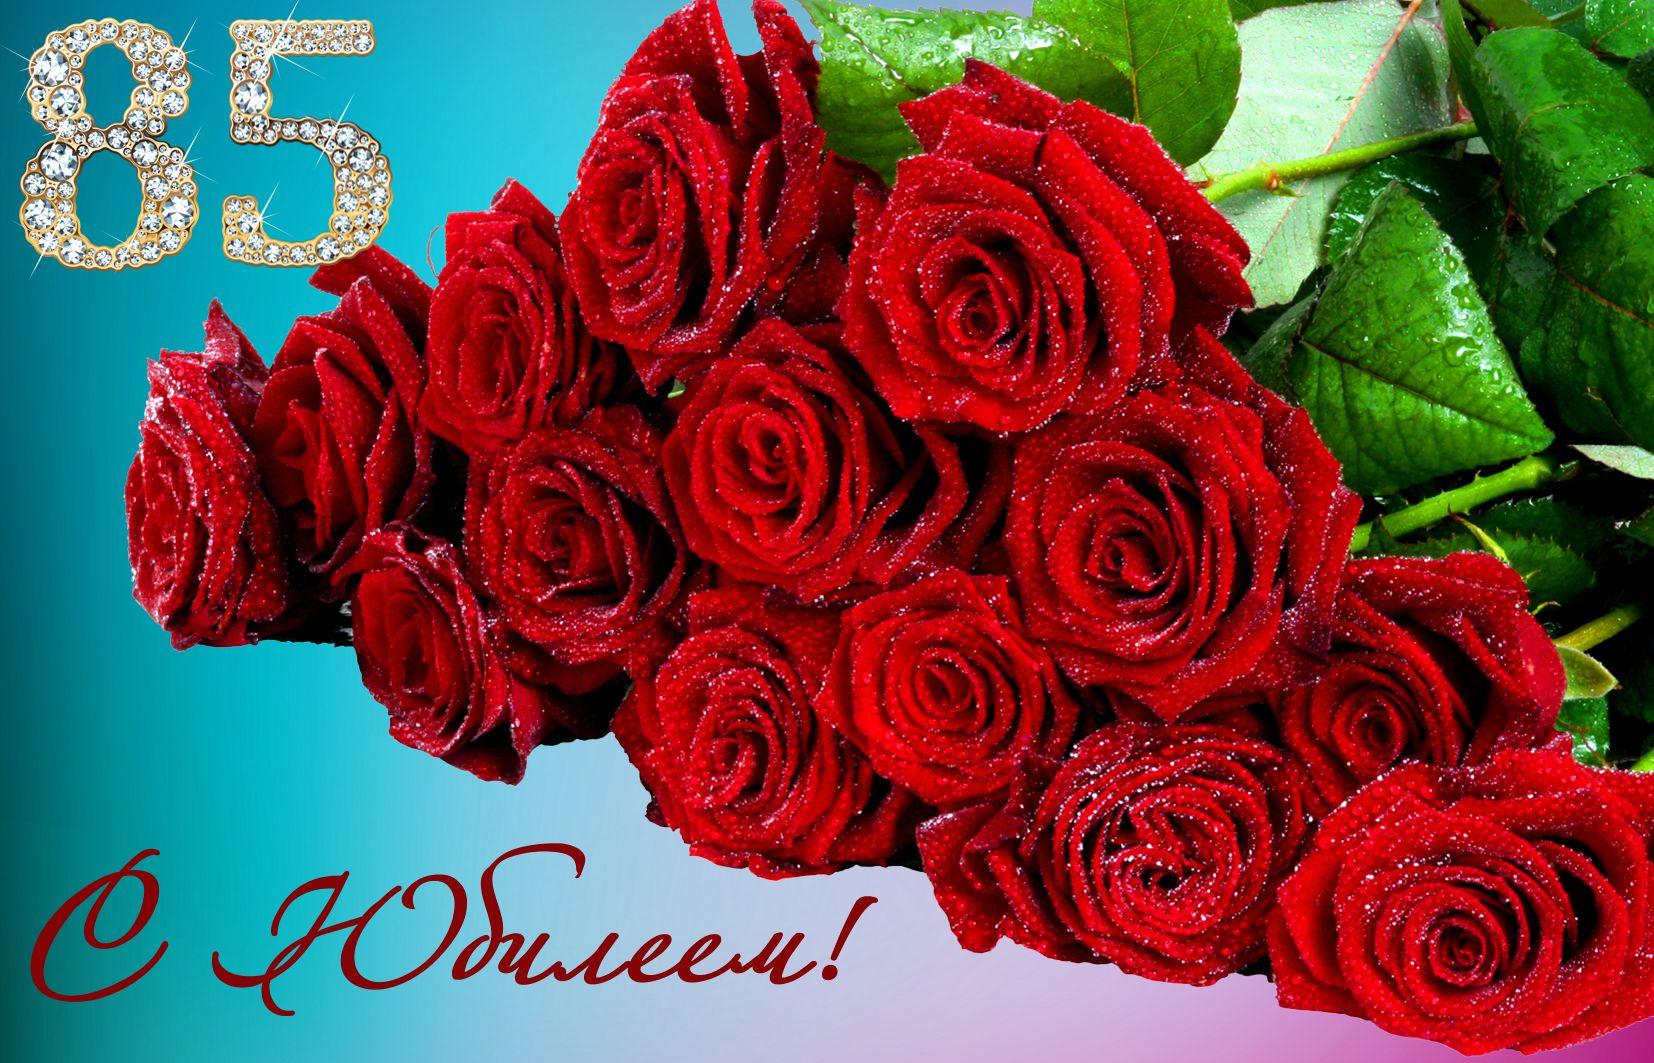 Открытка на юбилей 85 лет - красивые розы в блестящих каплях росы